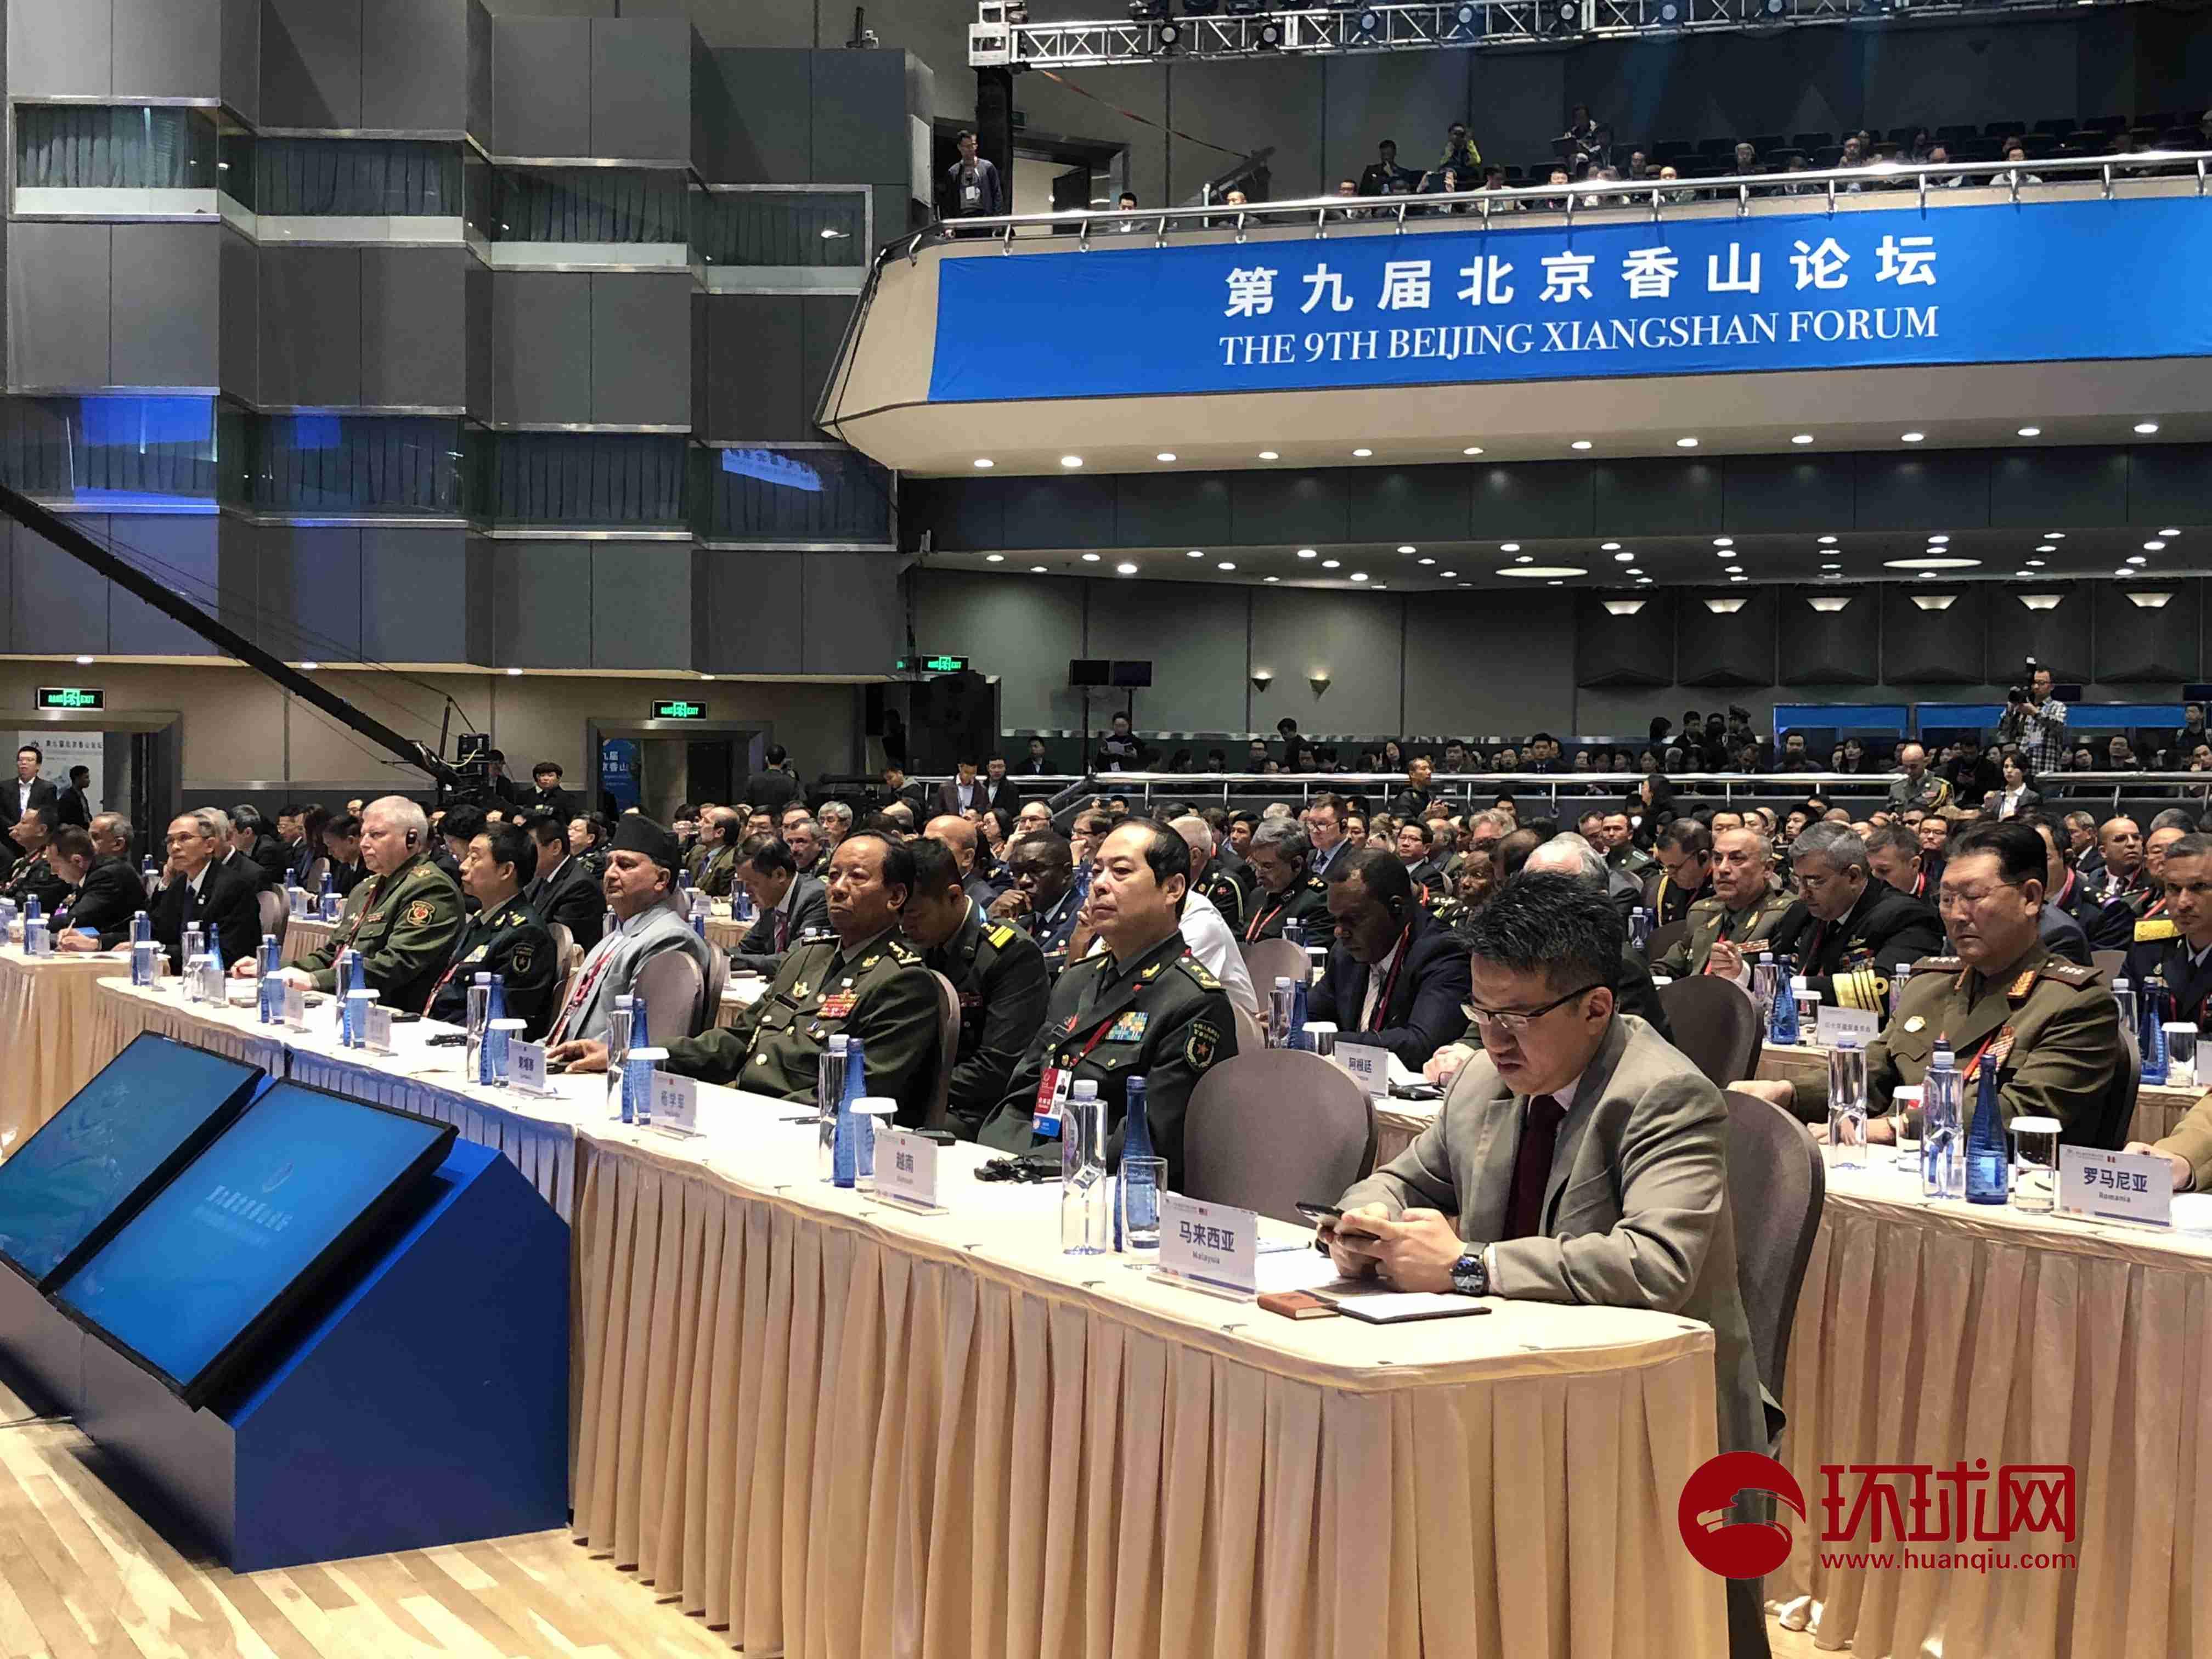 乐玉成:无论在台湾香港还是新疆西藏,任何人都不要幻想让中国吞下损害自身利益的苦果